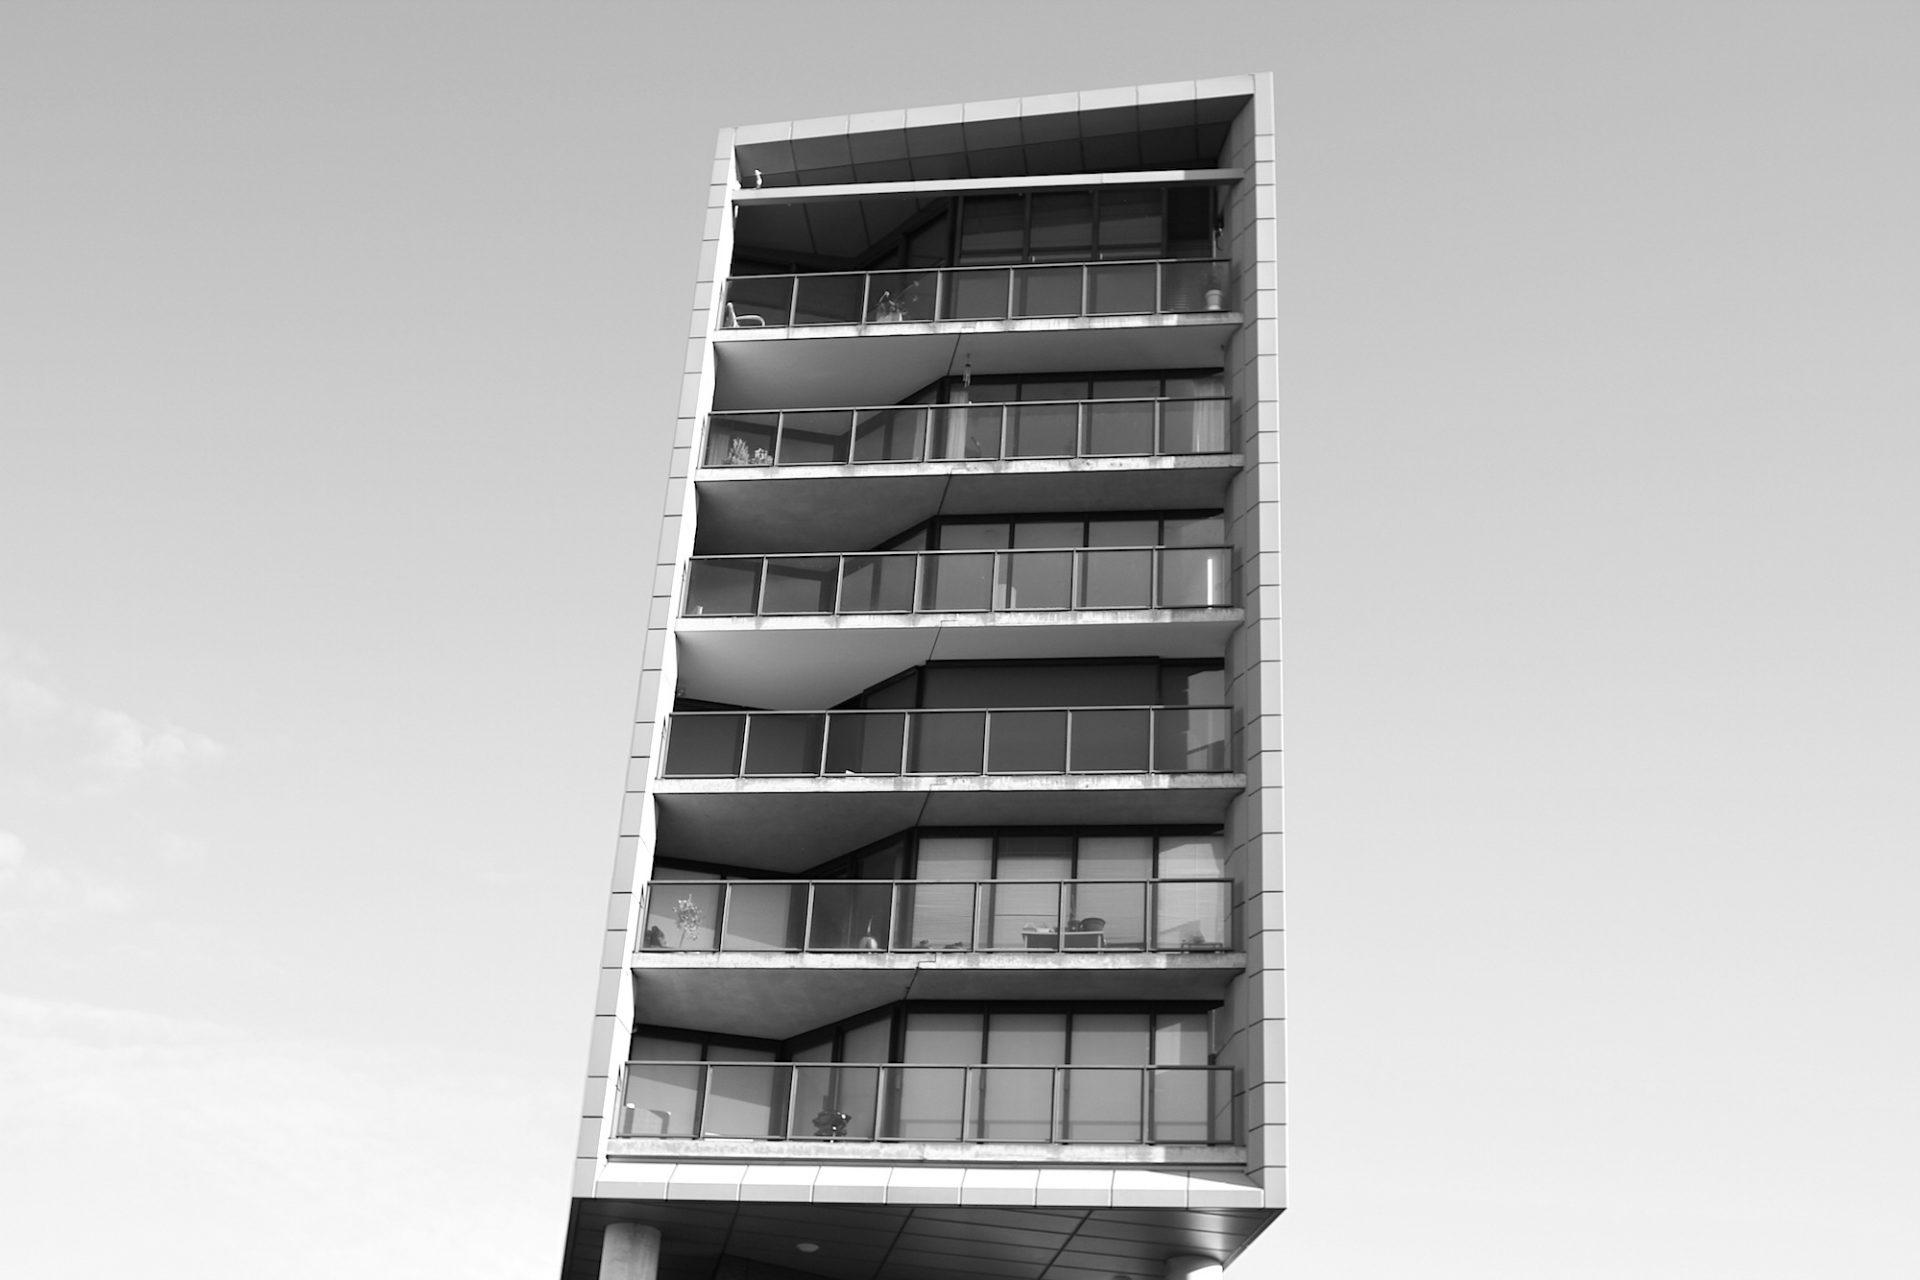 De Citadel. Atelier Christian de Portzamparc, 2006